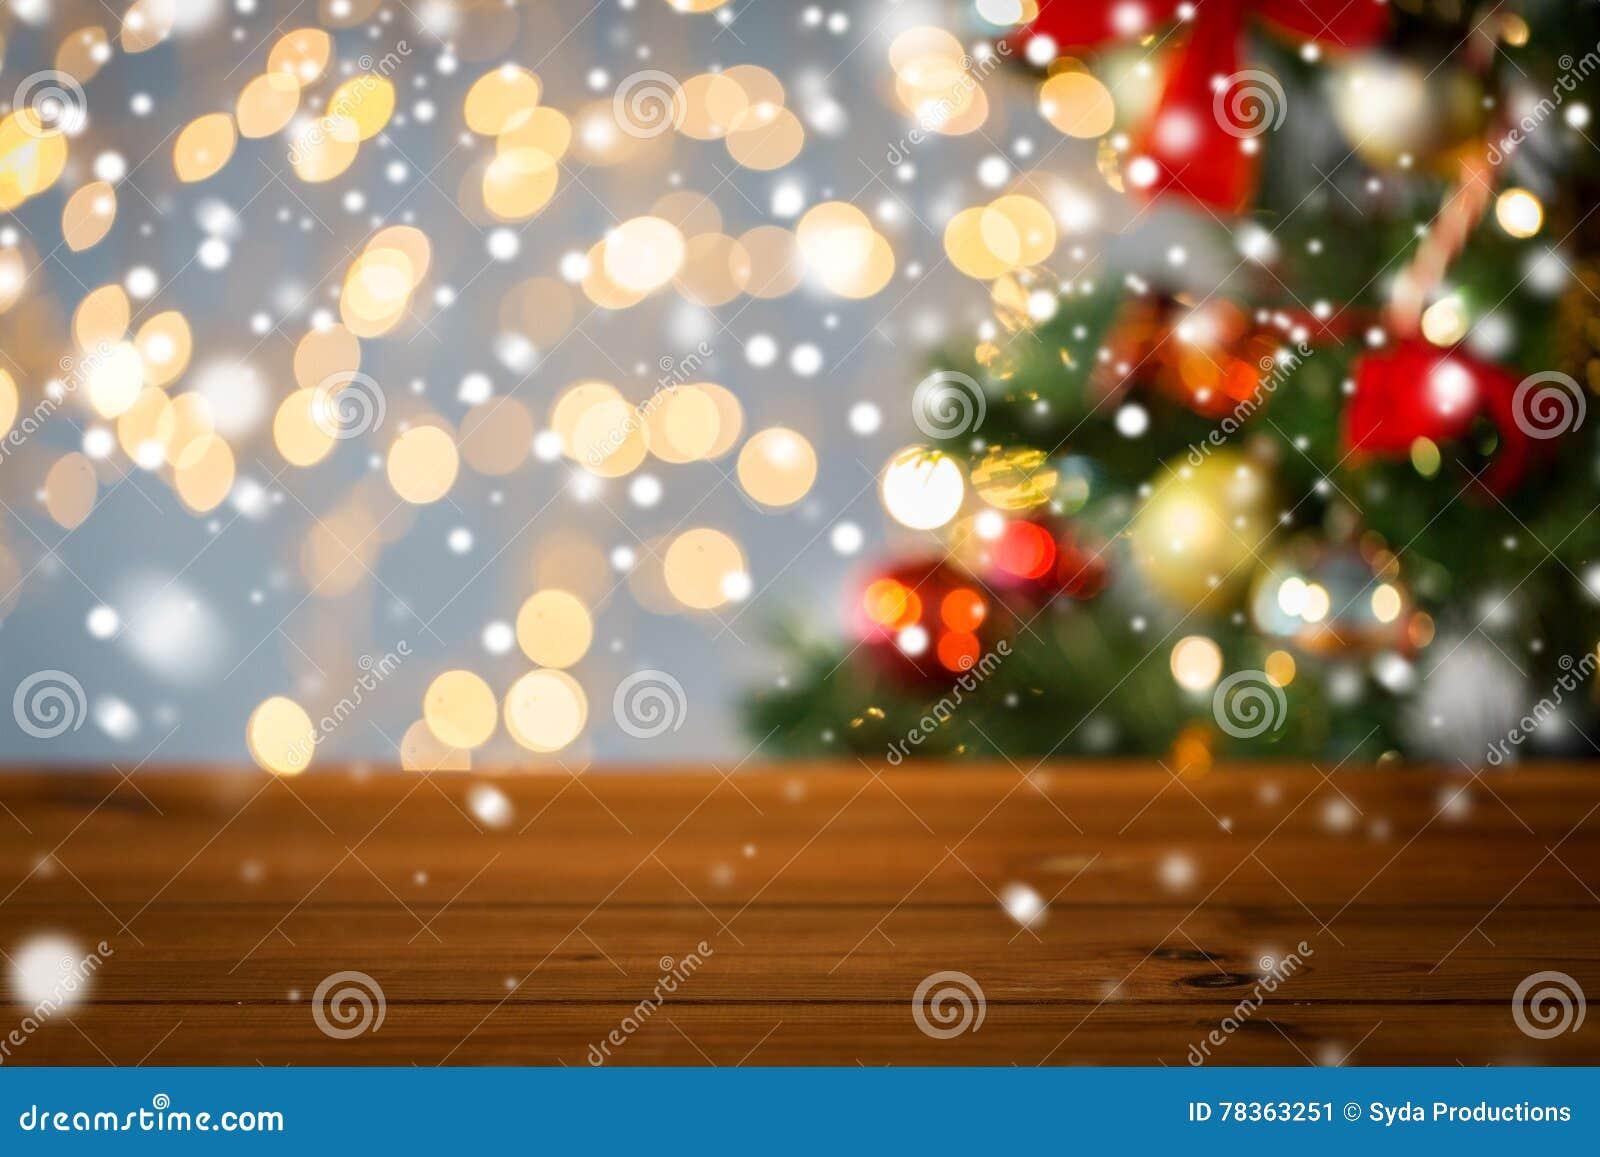 Κενή ξύλινη επιφάνεια πέρα από τα φω τα χριστουγεννιάτικων δέντρων